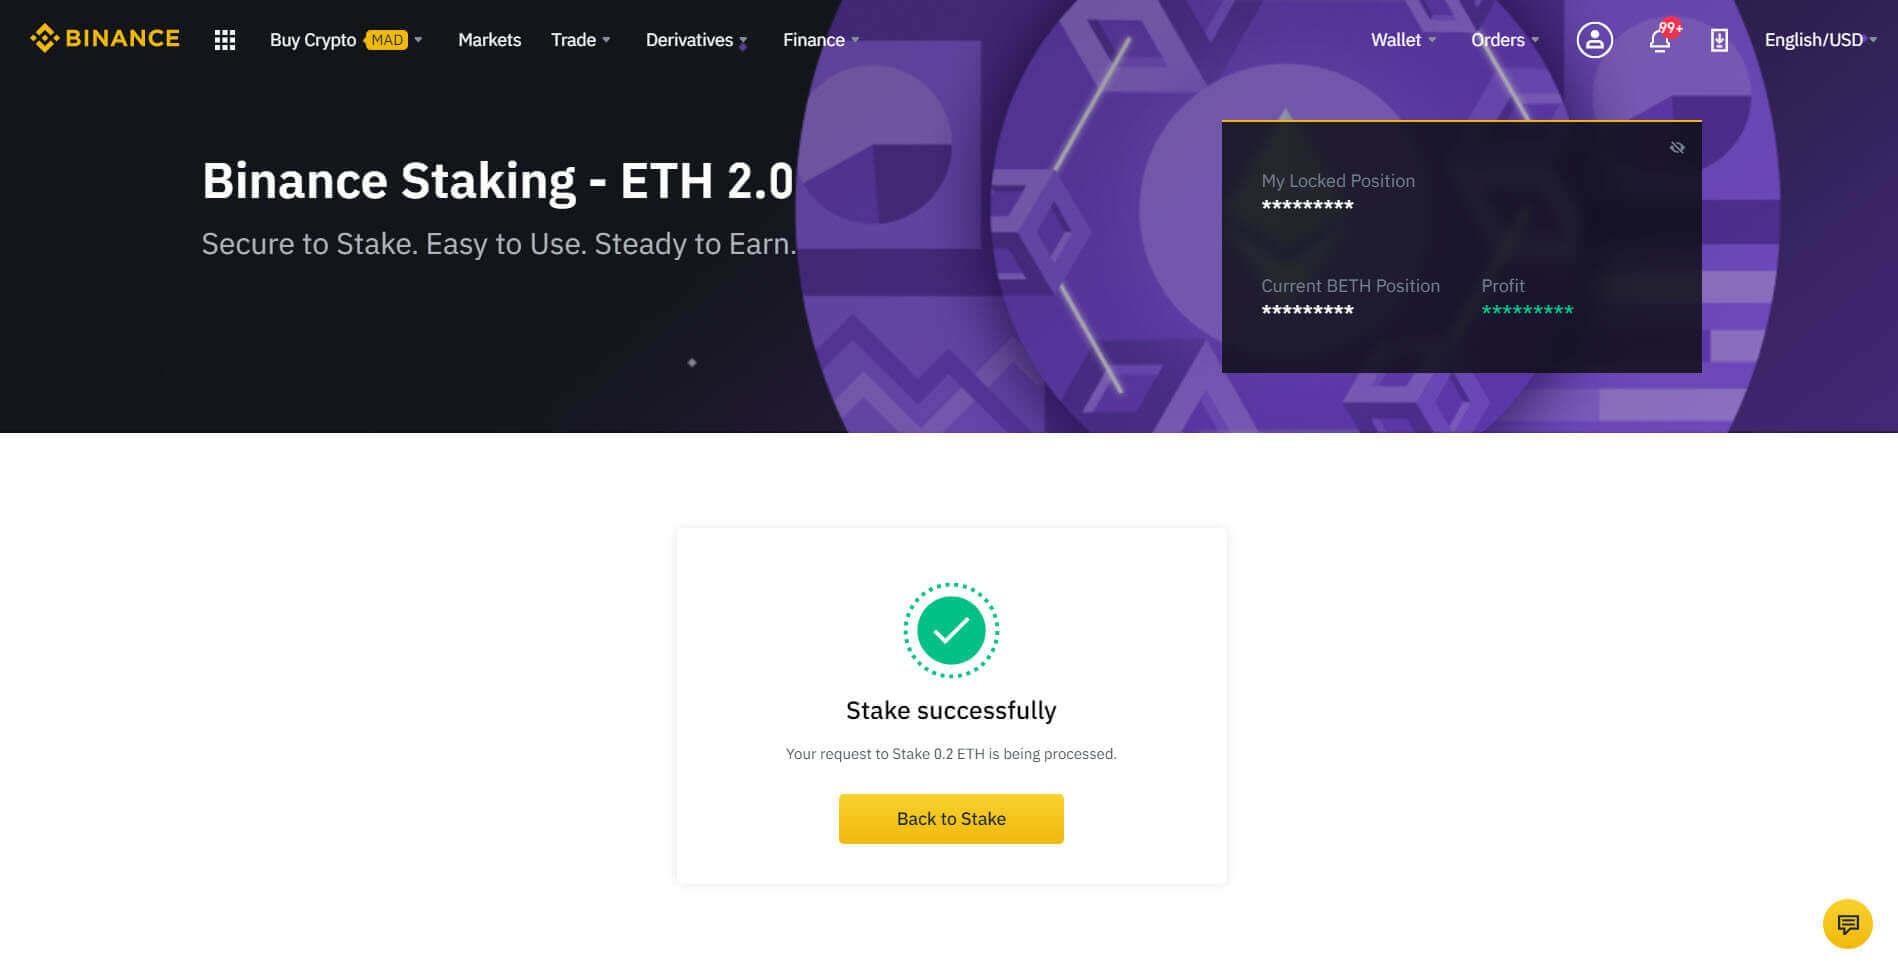 التجميد المؤقت Staking ل ETH 2.0